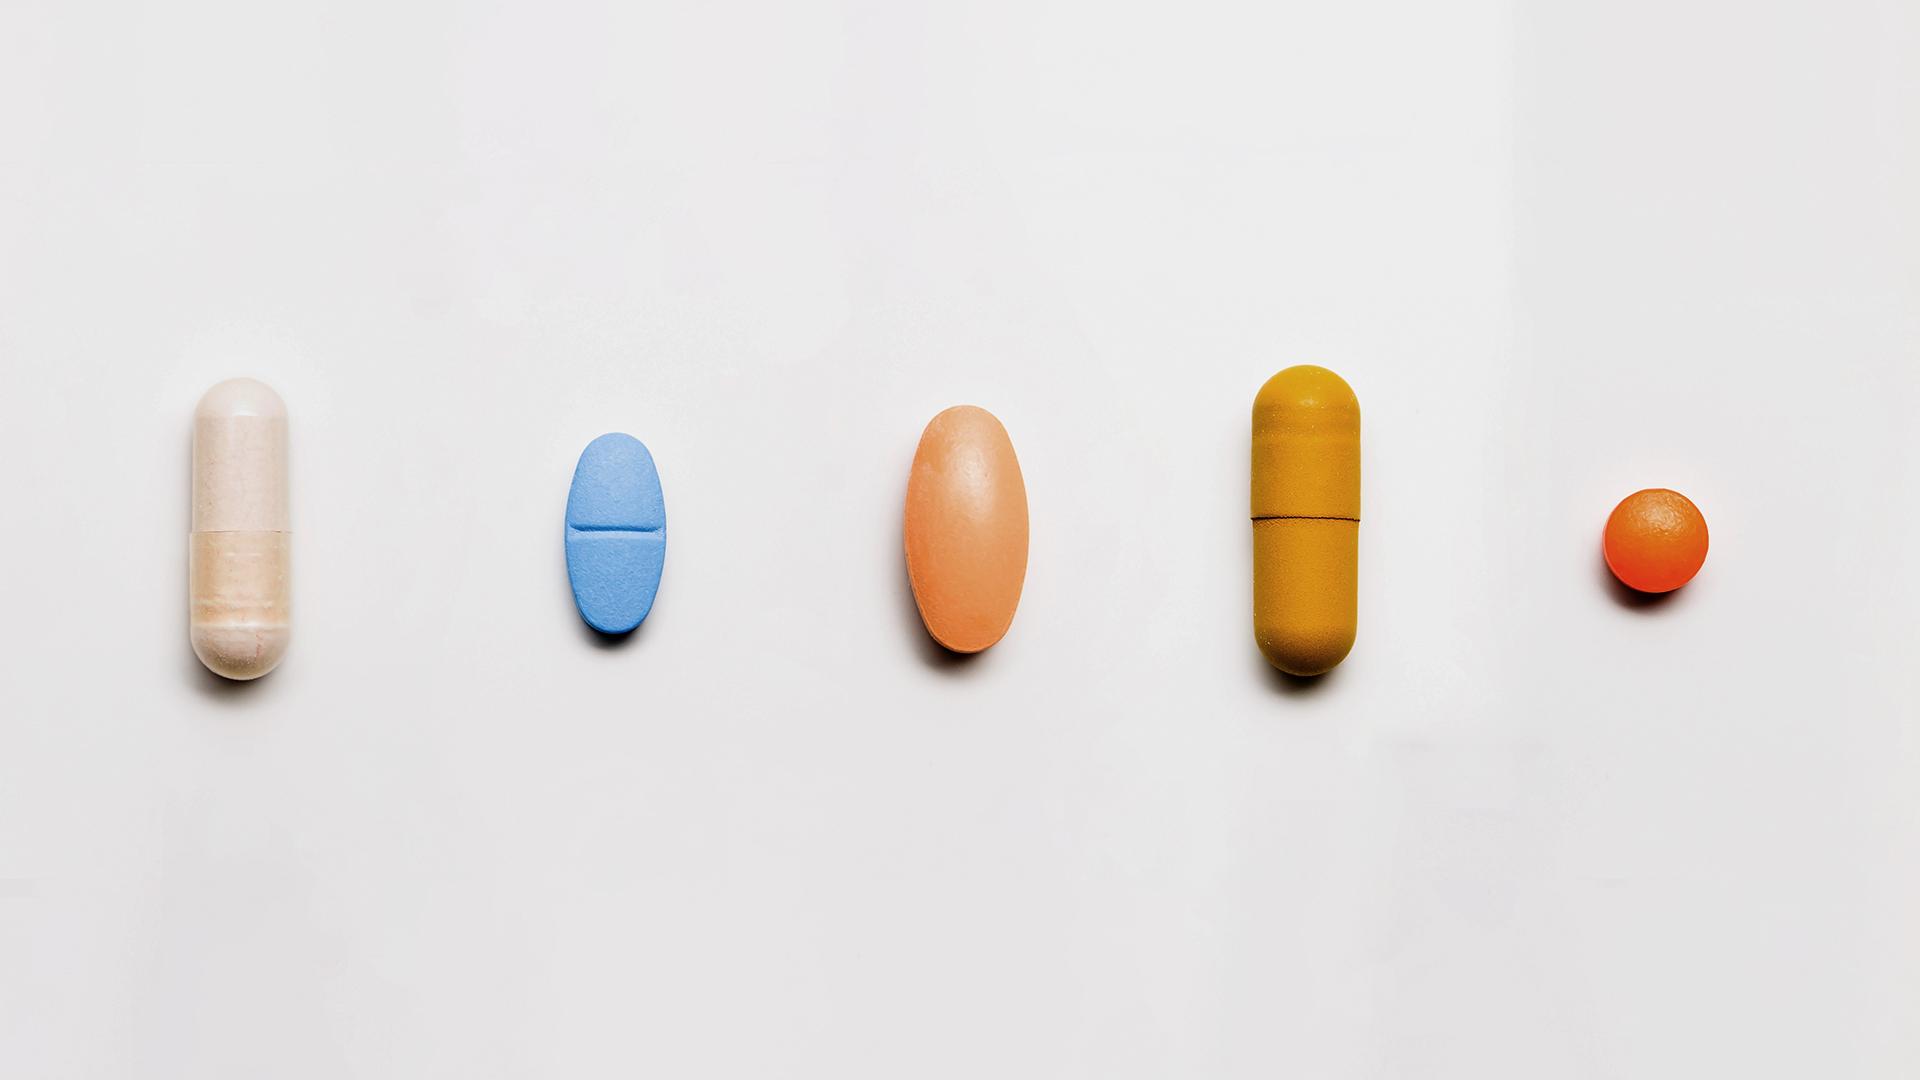 artrita care medicament de tratat